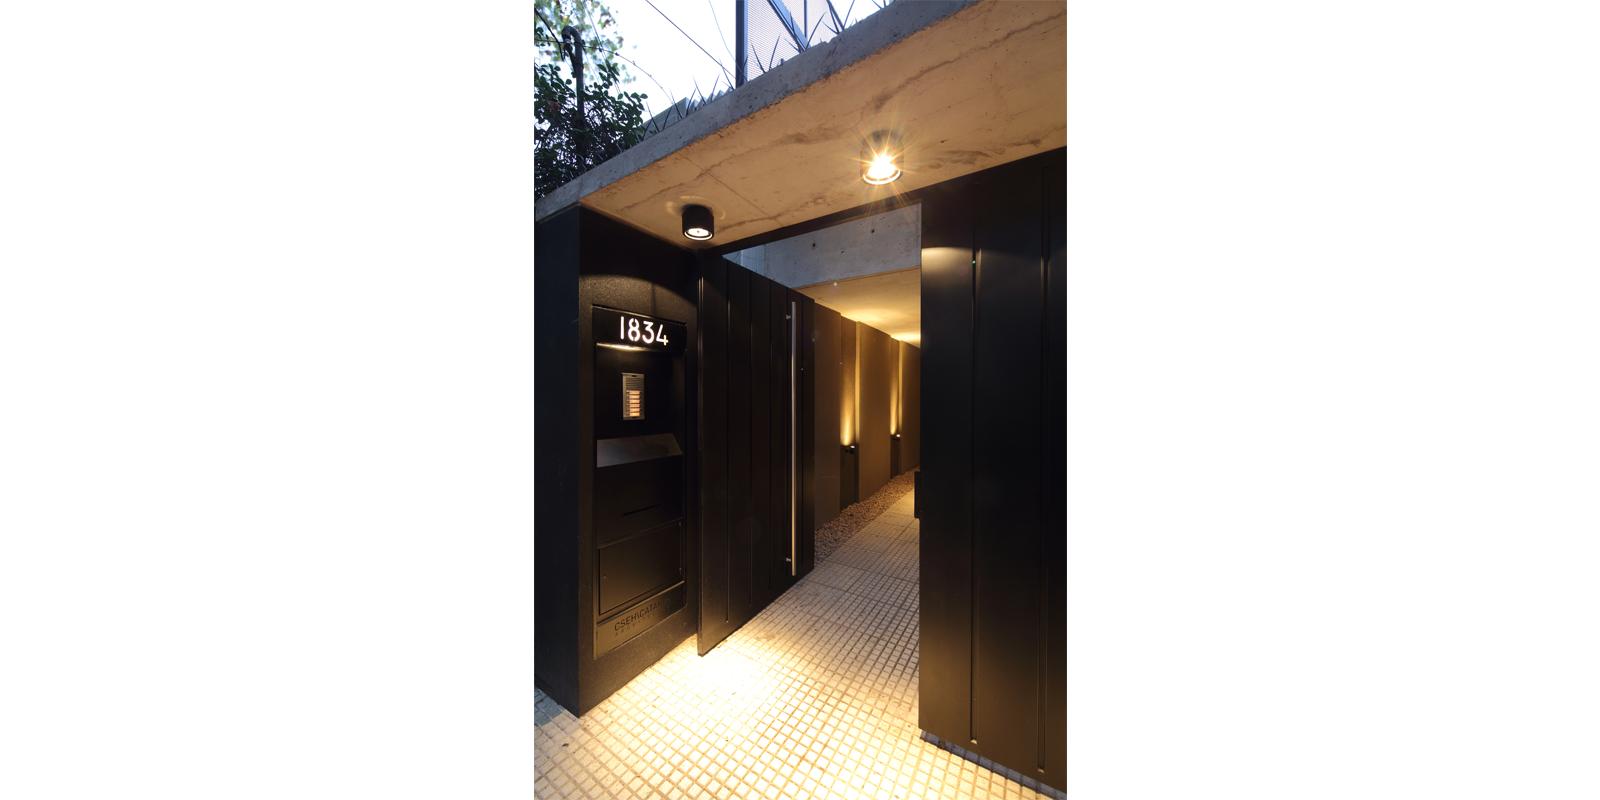 ProyectoC_Arquitectos_Portfolio_07_FloridaDesign